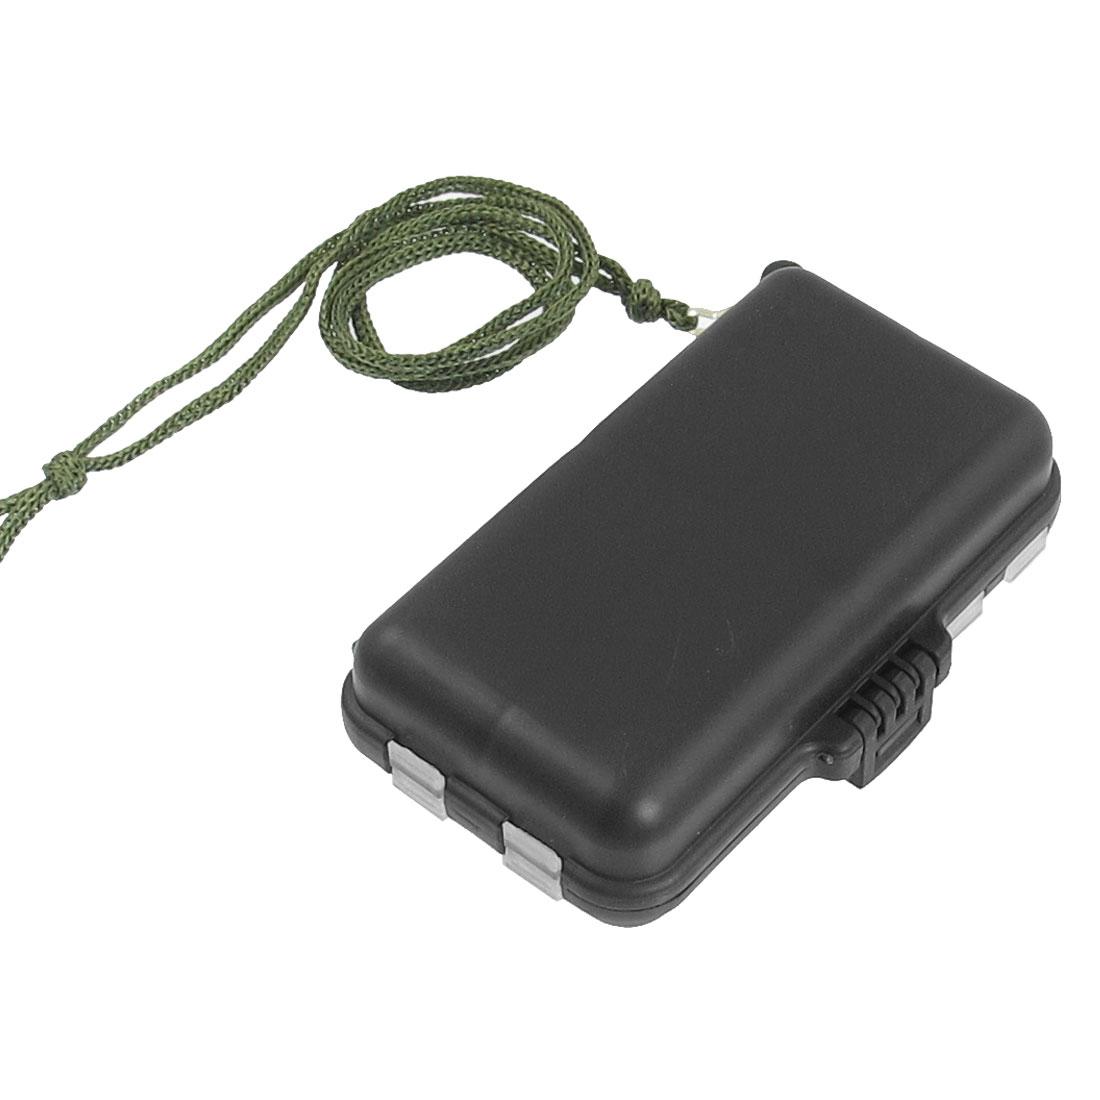 Black Plastic 9 Compartments Fishhook Lure Storage Case Box + Strap